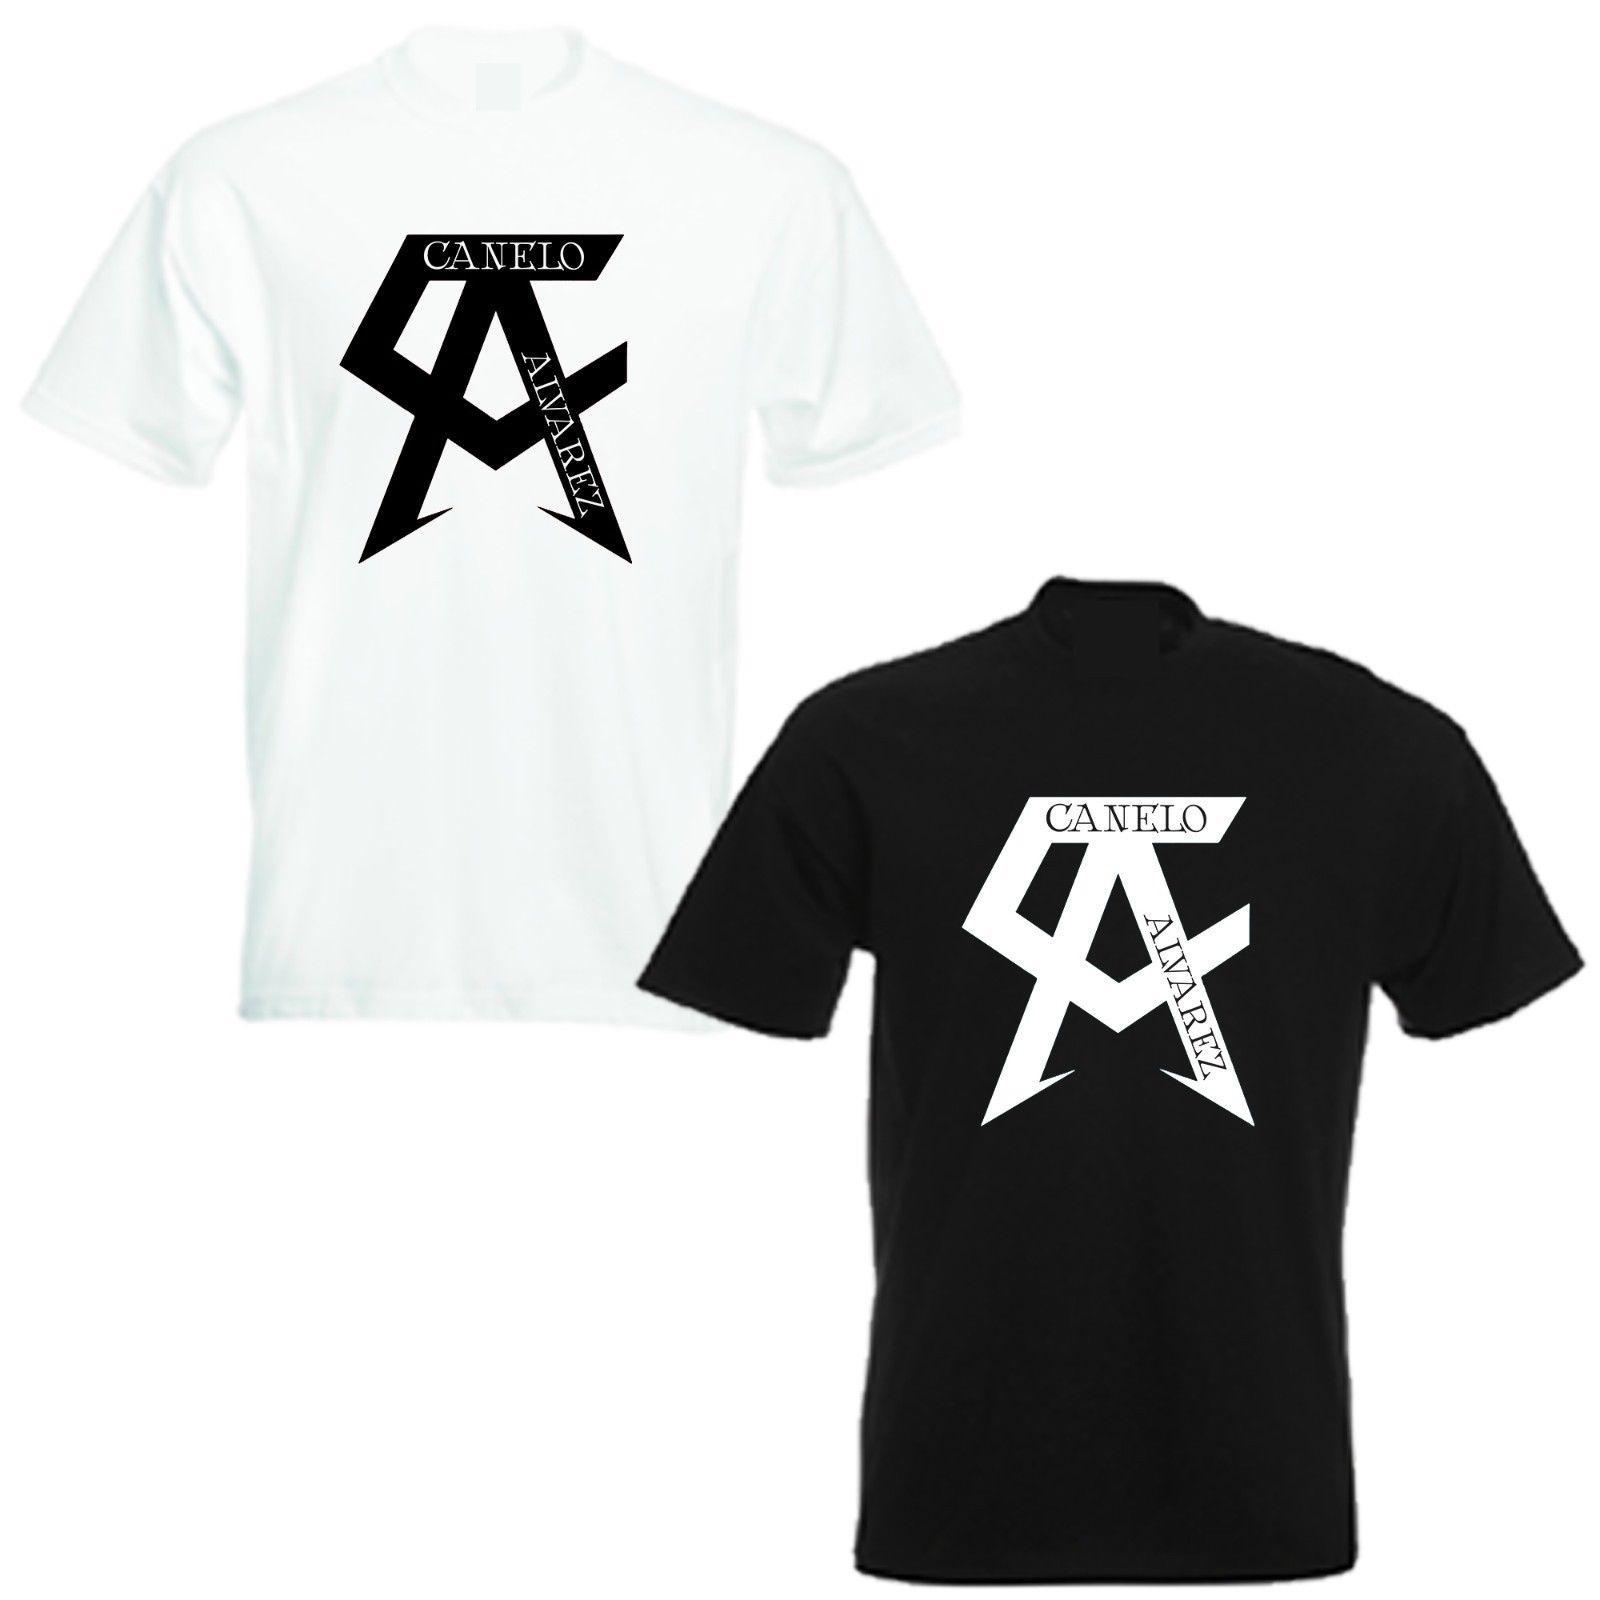 Details Zu Canelo Alvarez Iconic Boxing T Shirt Funny Unisex Casual